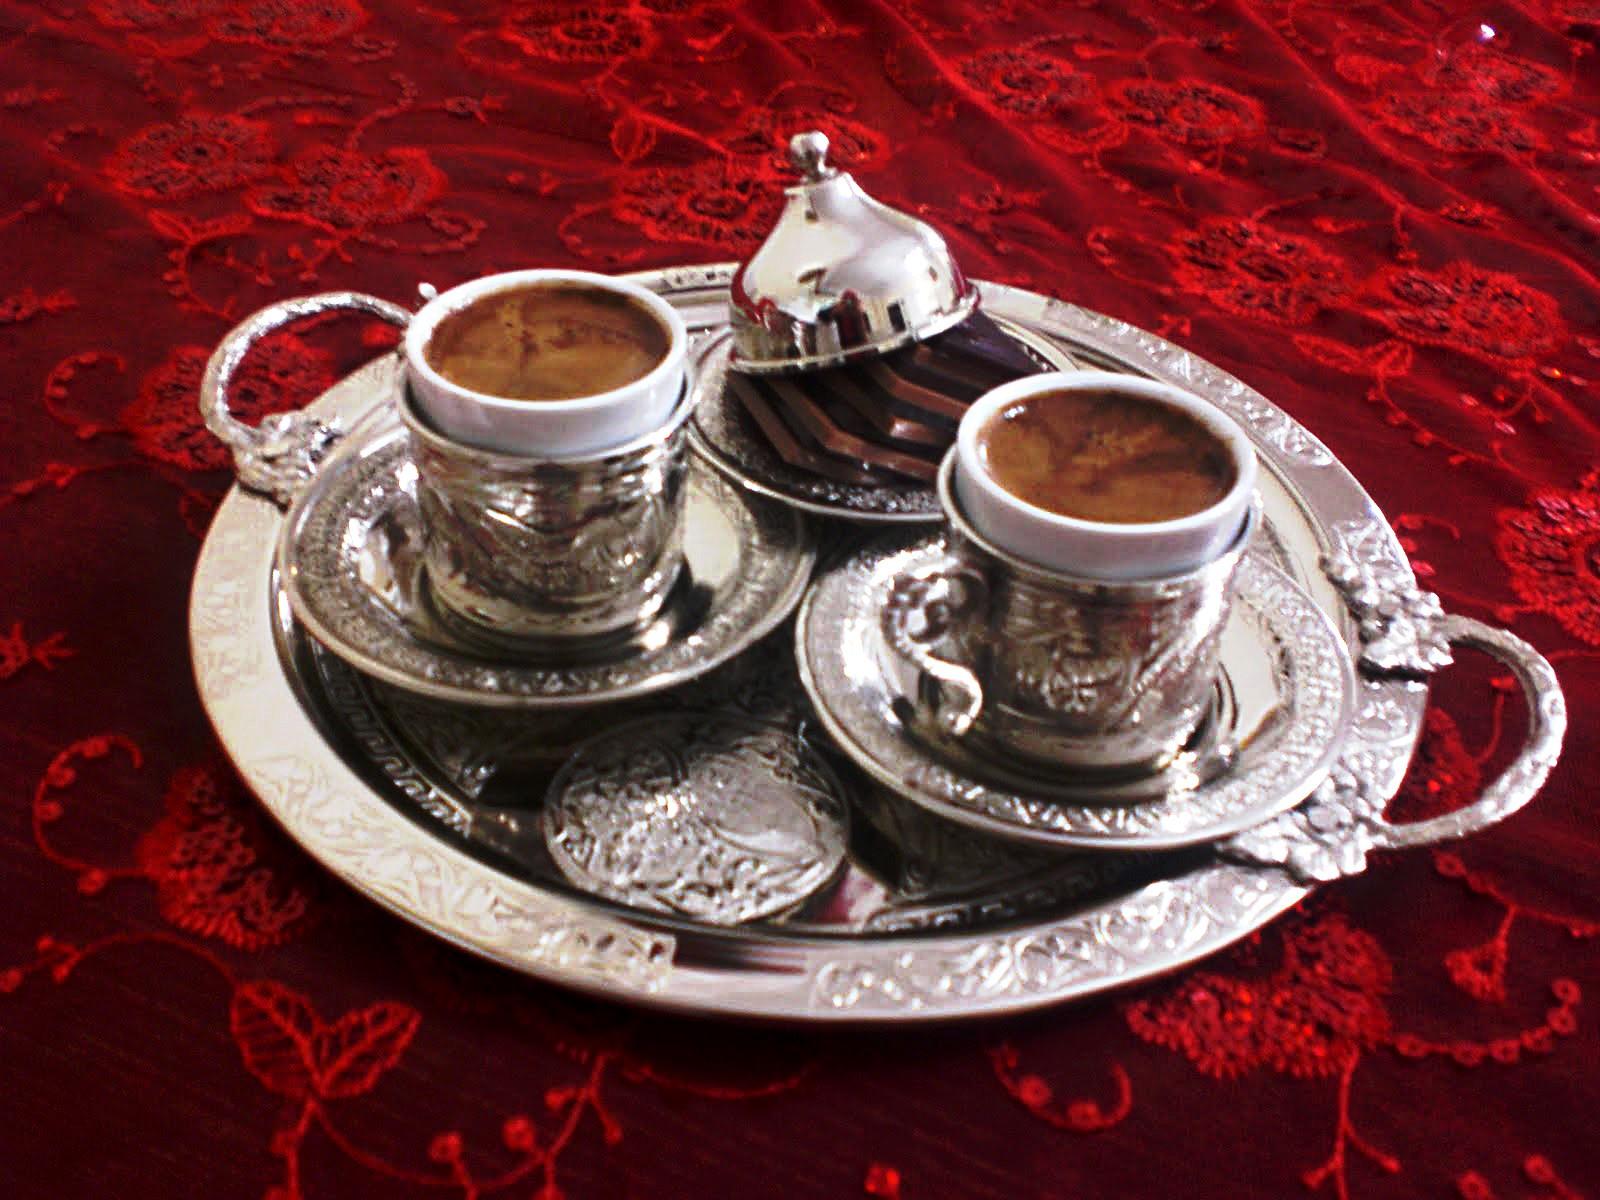 красивые картинки кофе на двоих россии предлагали параллельно